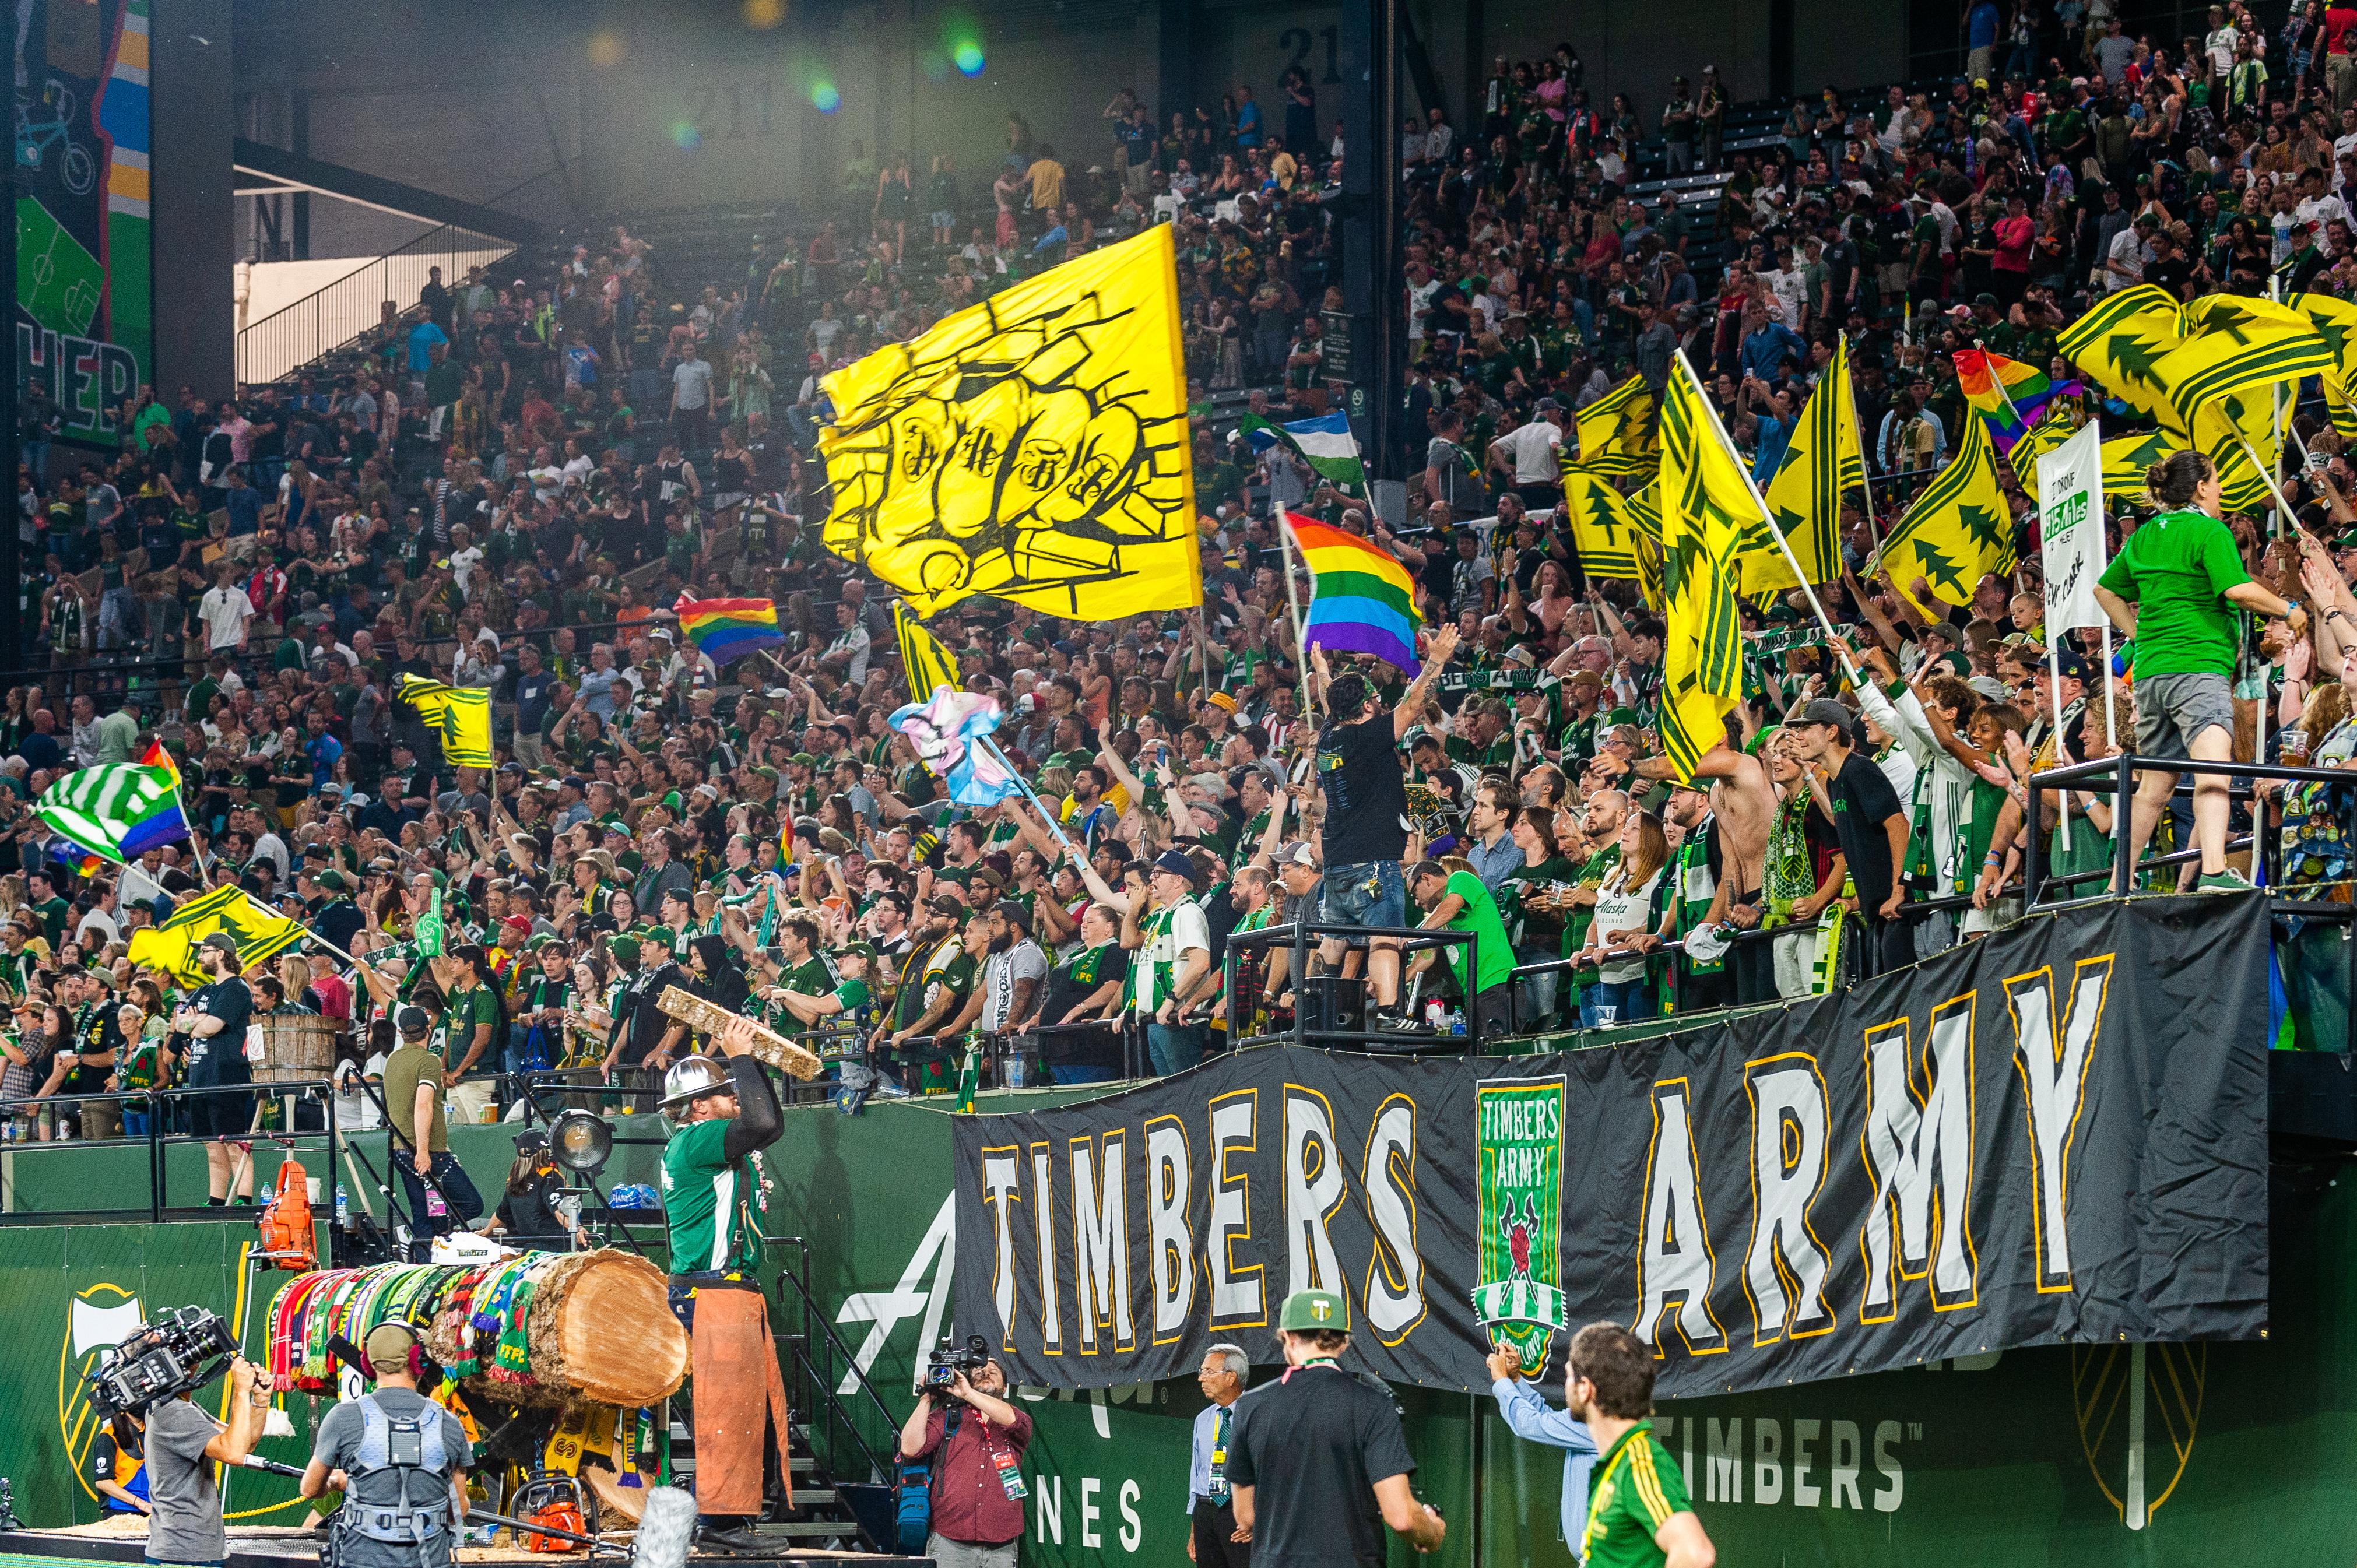 SOCCER: JUL 17 MLS - FC Dallas at Portland Timbers